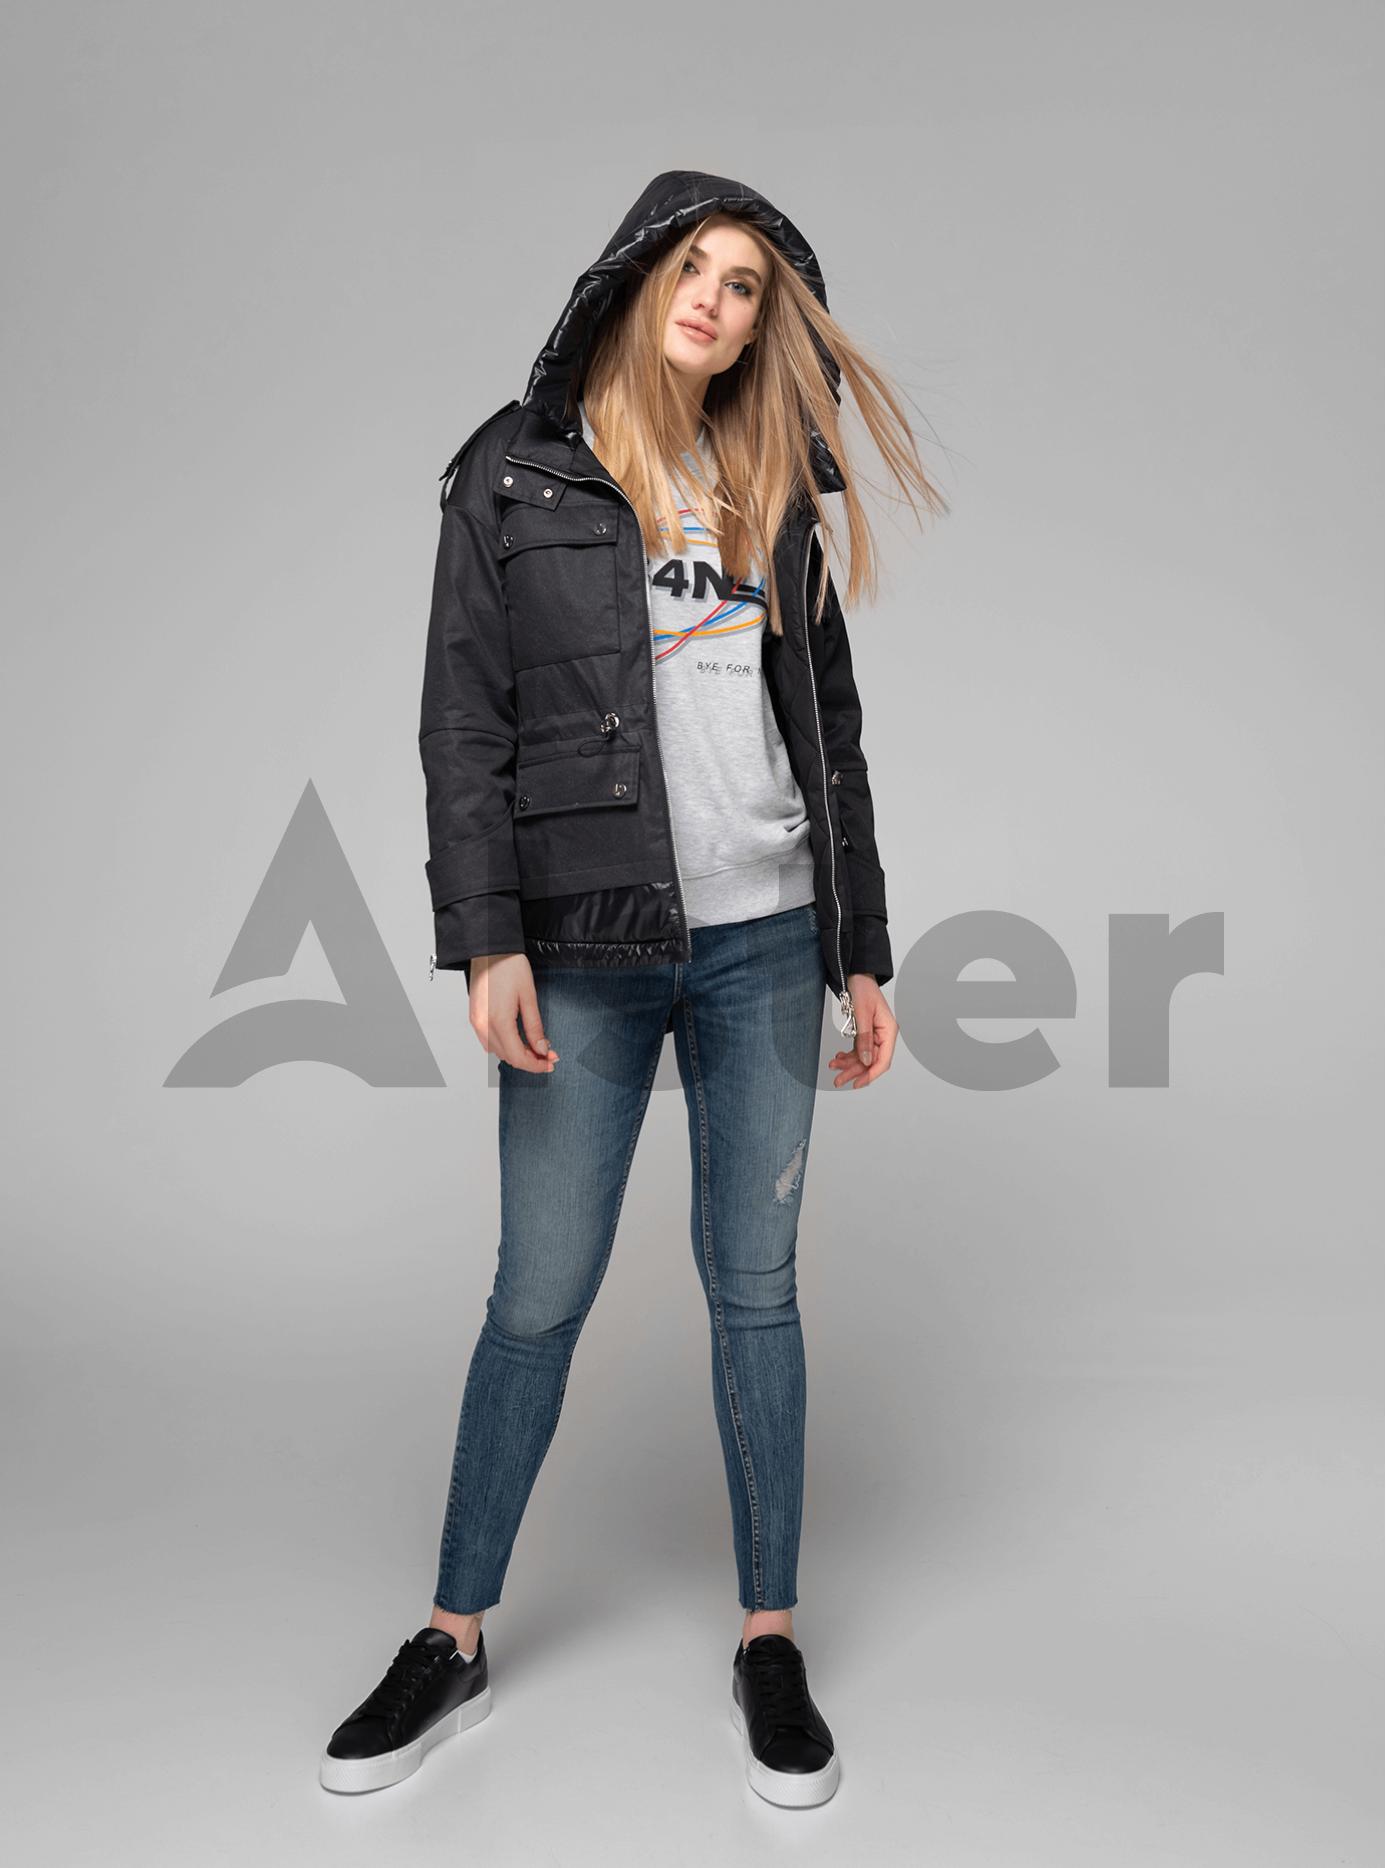 Куртка демисезонная короткая с капюшоном Чёрный S (02-V191034): фото - Alster.ua